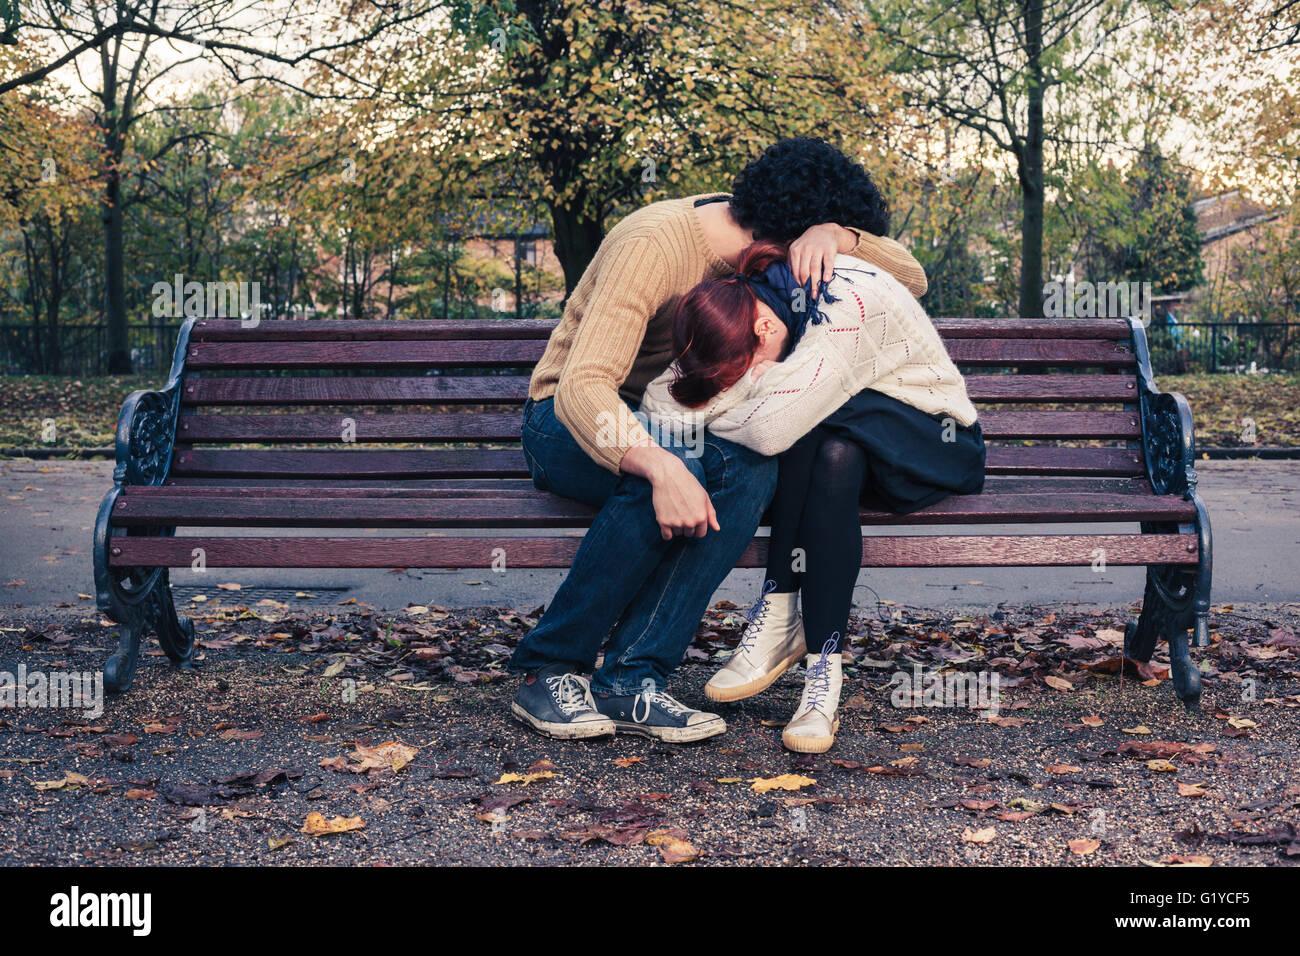 Una triste pareja joven está abrazando en una banca del parque en otoño Imagen De Stock